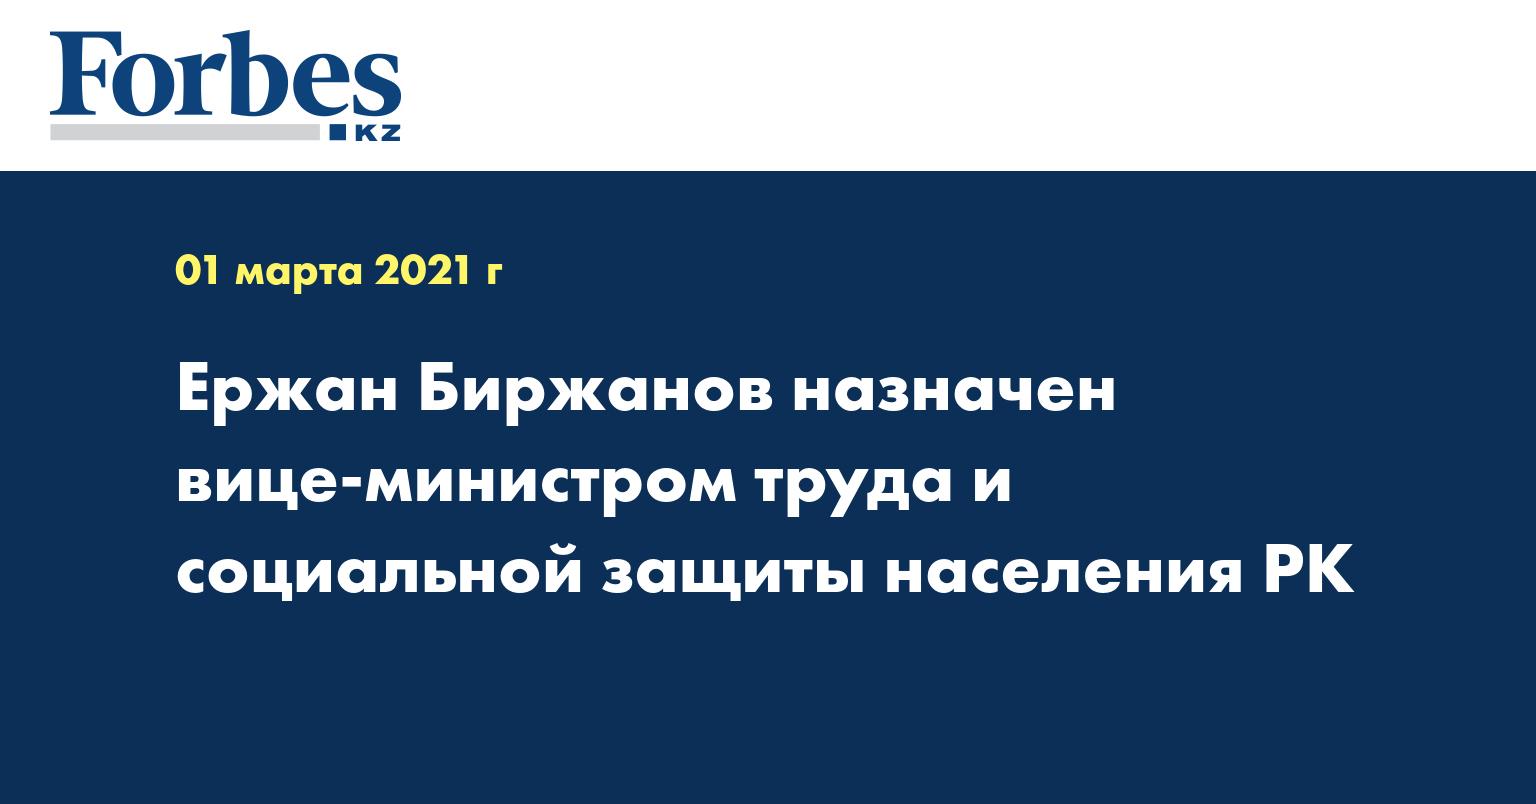 Ержан Биржанов назначен вице-министром труда и социальной защиты населения РК